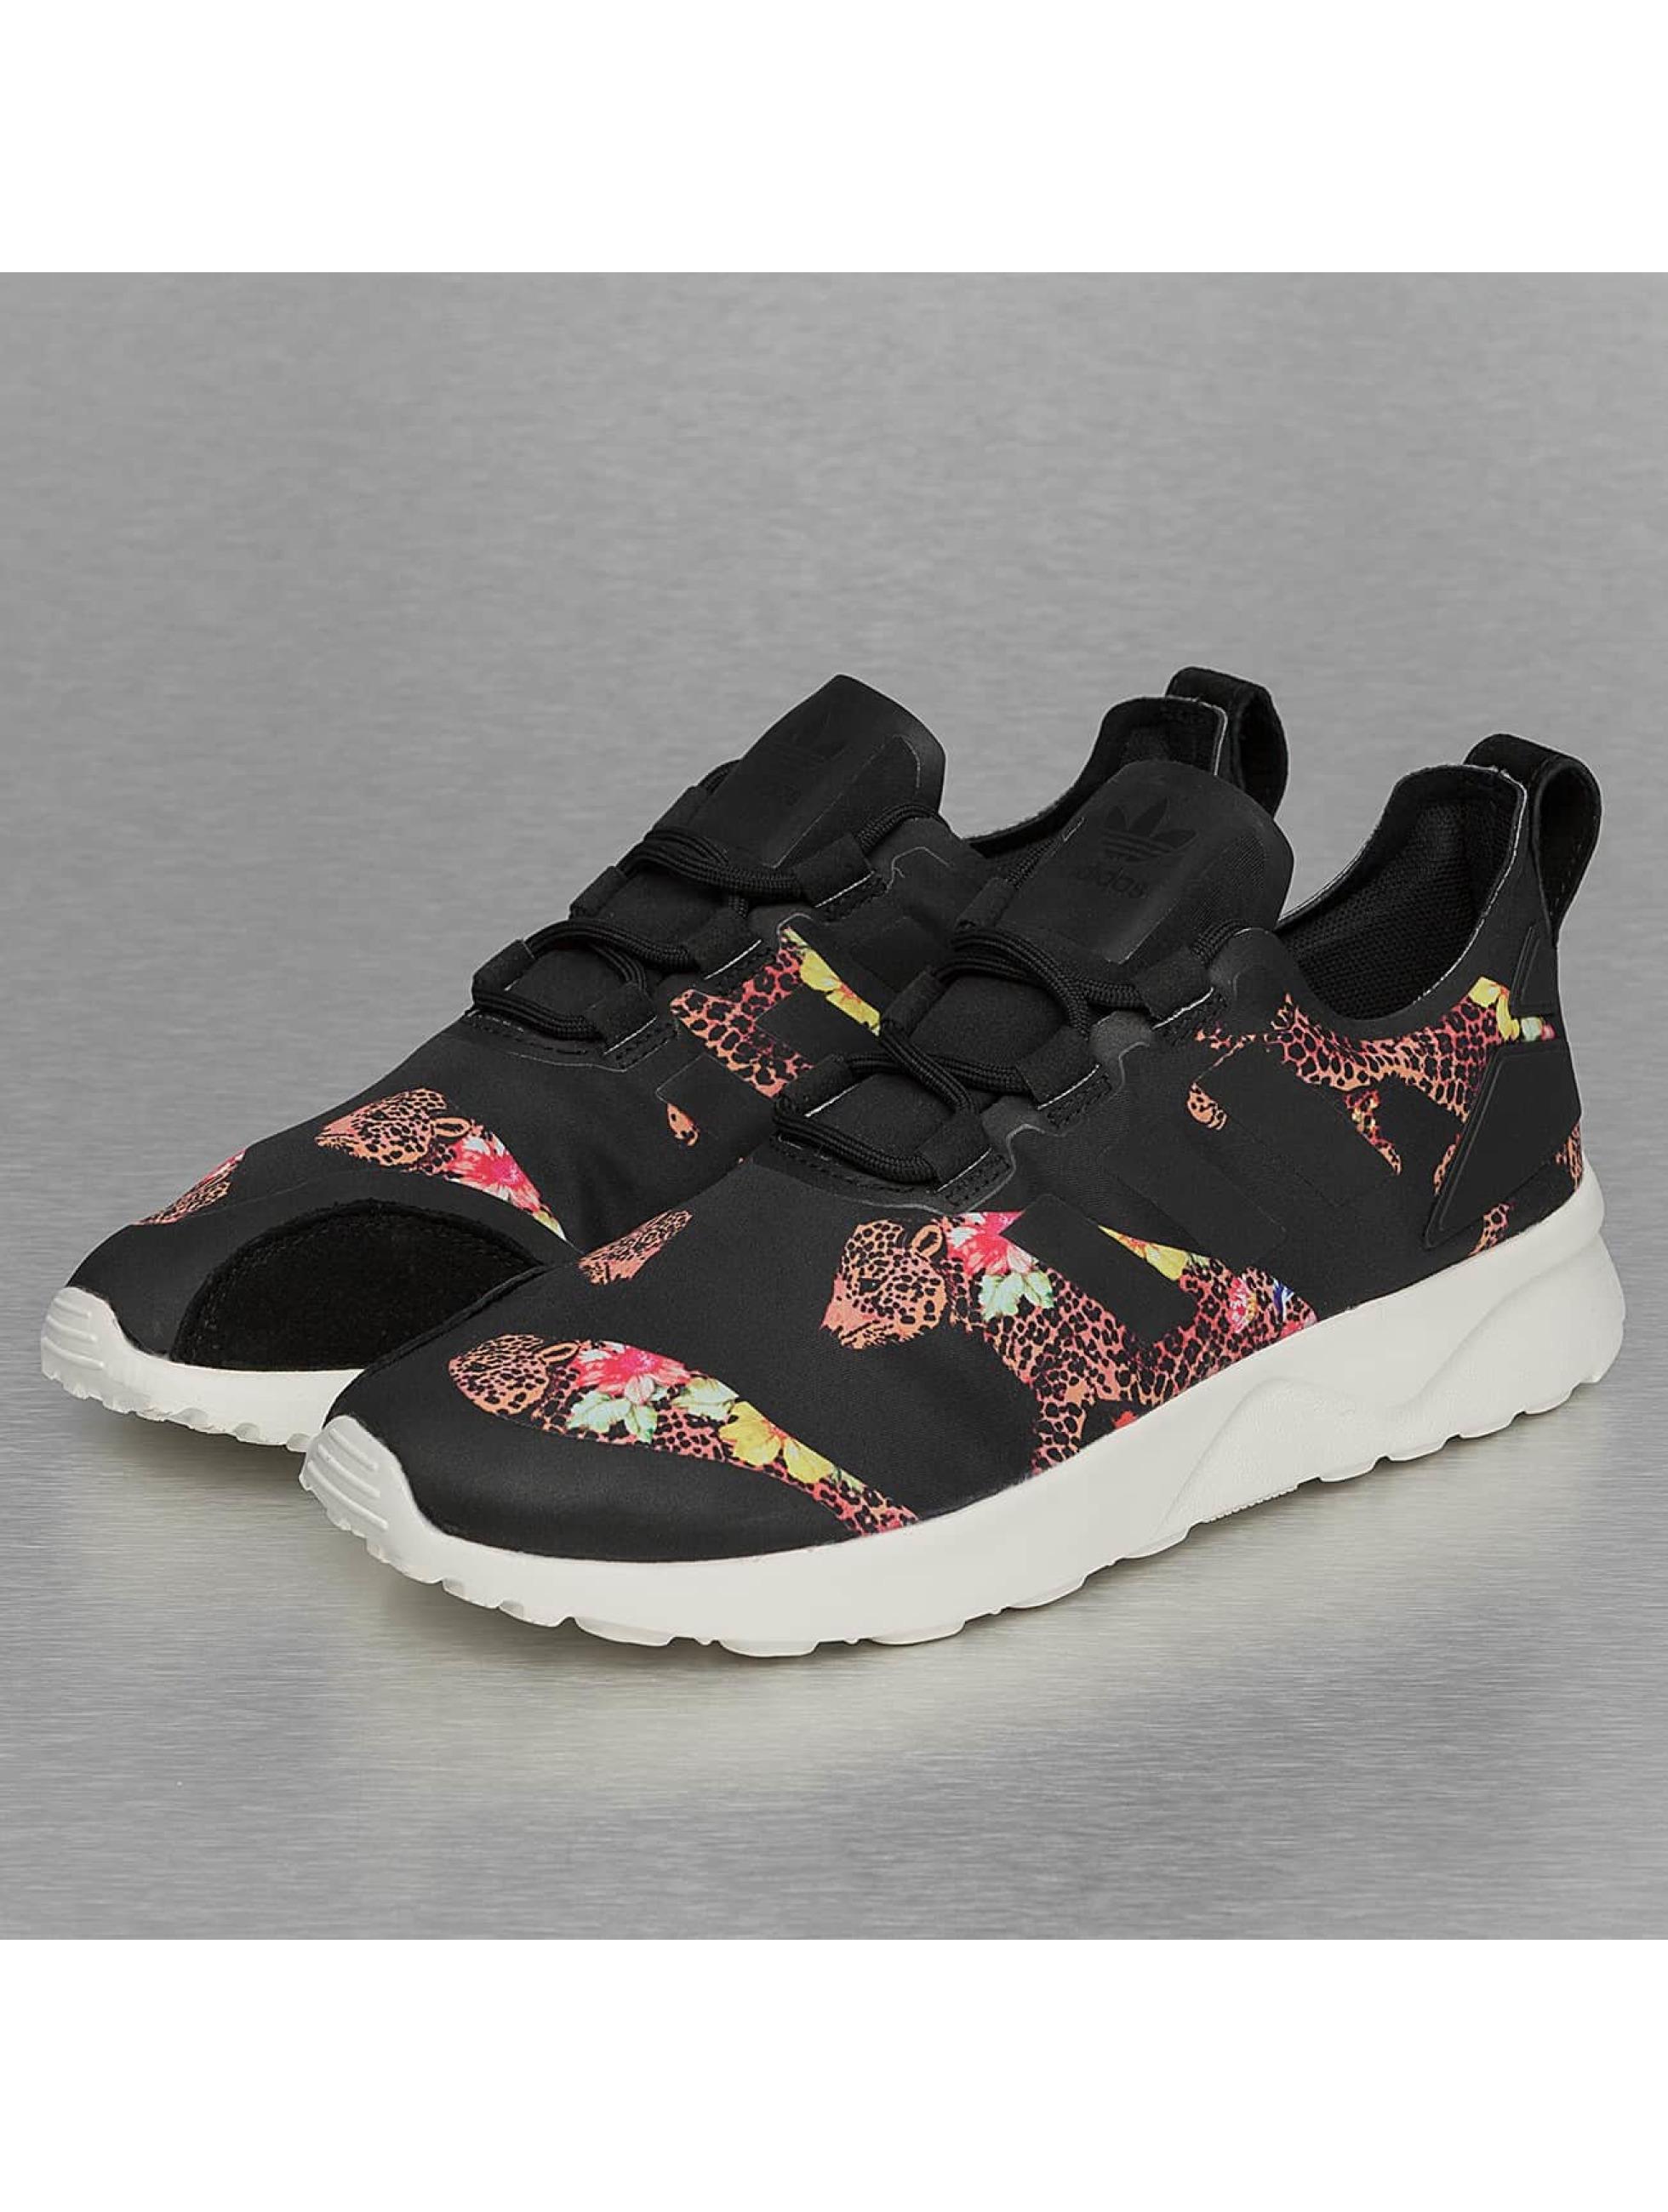 adidas Frauen Sneaker ZX Flux ADV Verve in schwarz